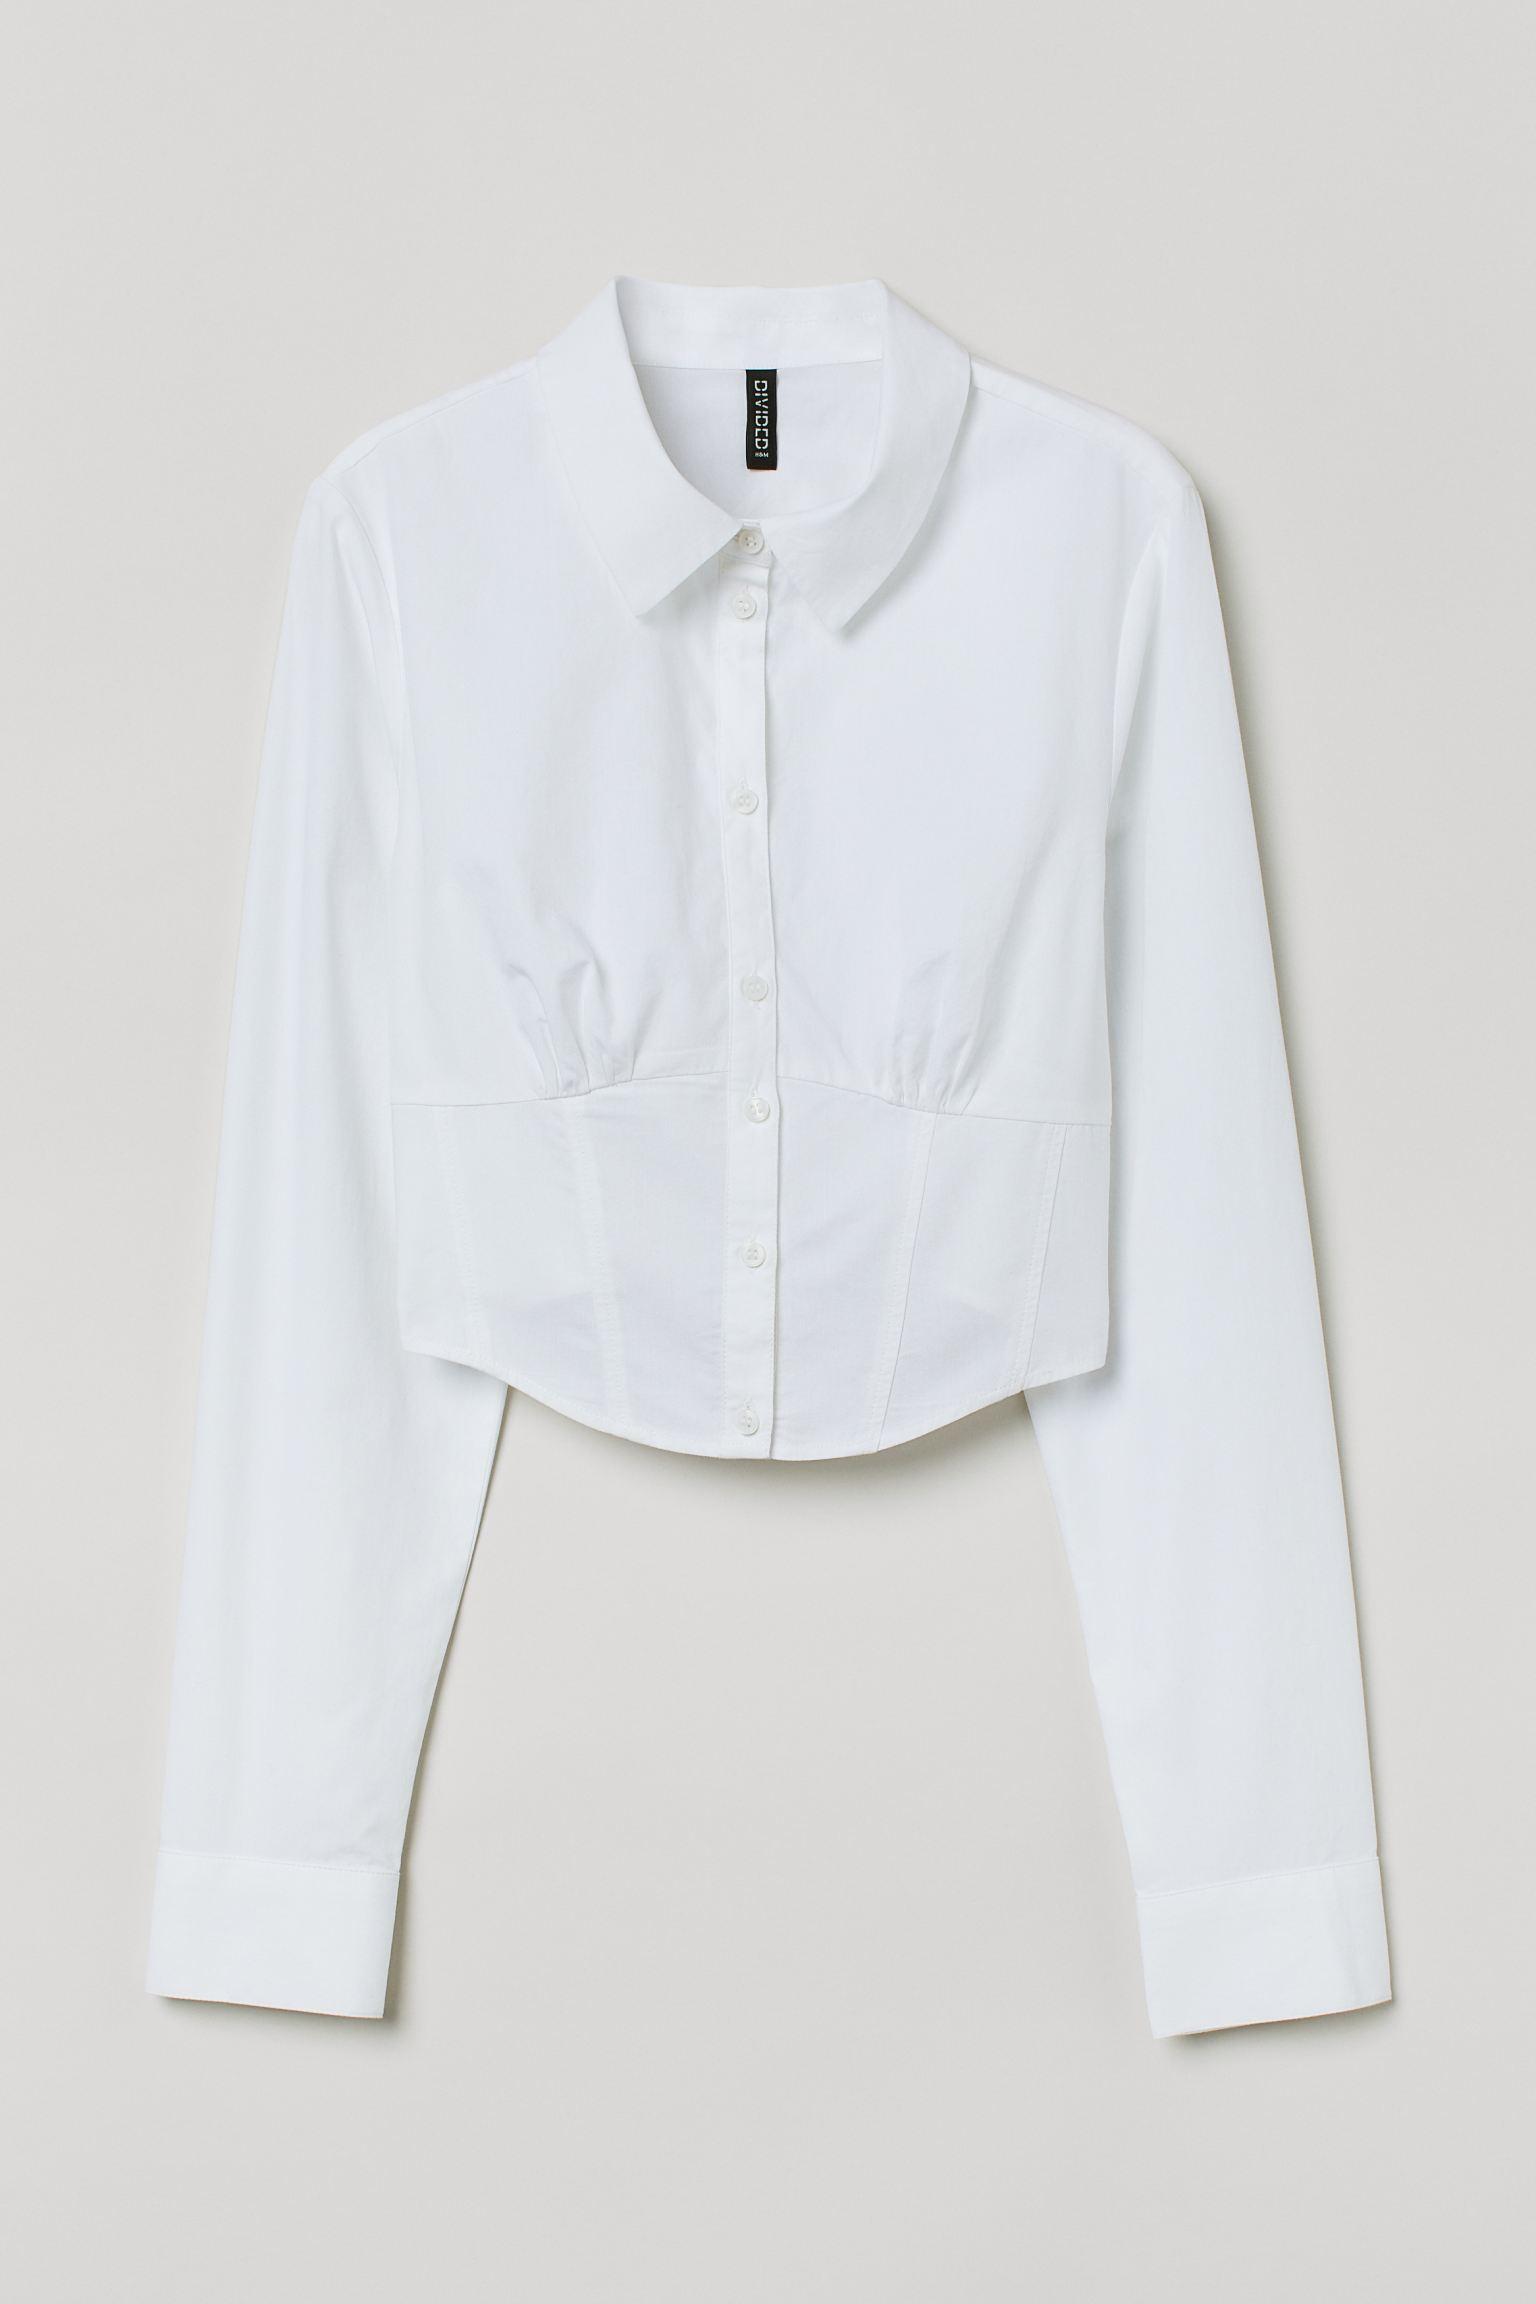 Camisa blanca con diseño encorsetado